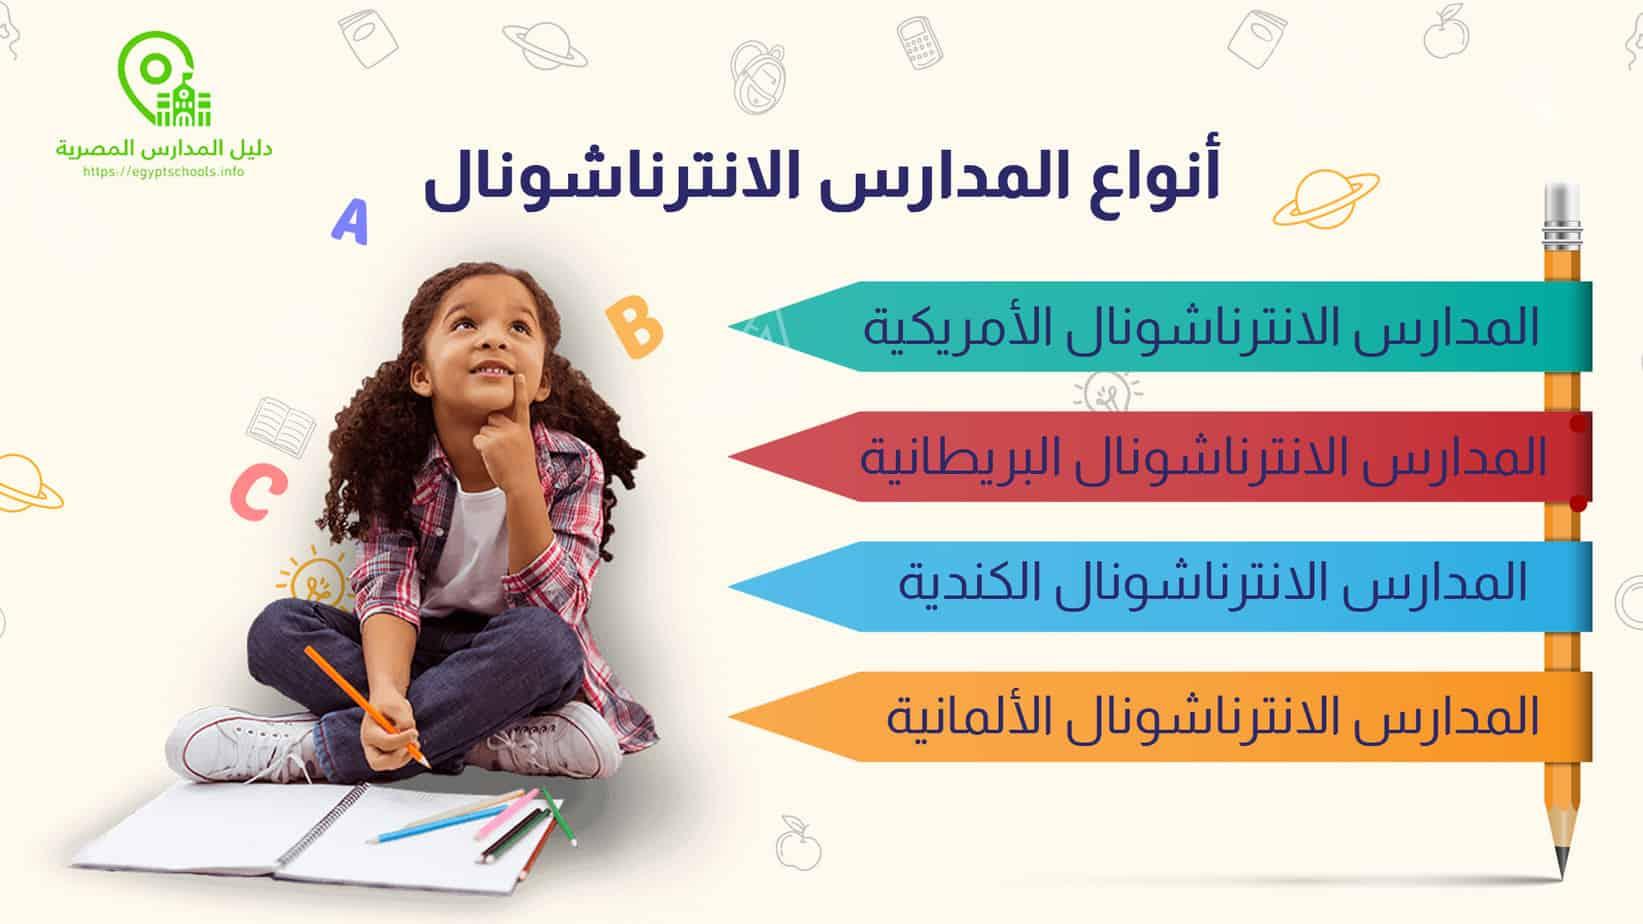 أنواع المدارس الانترناشونال في مصر